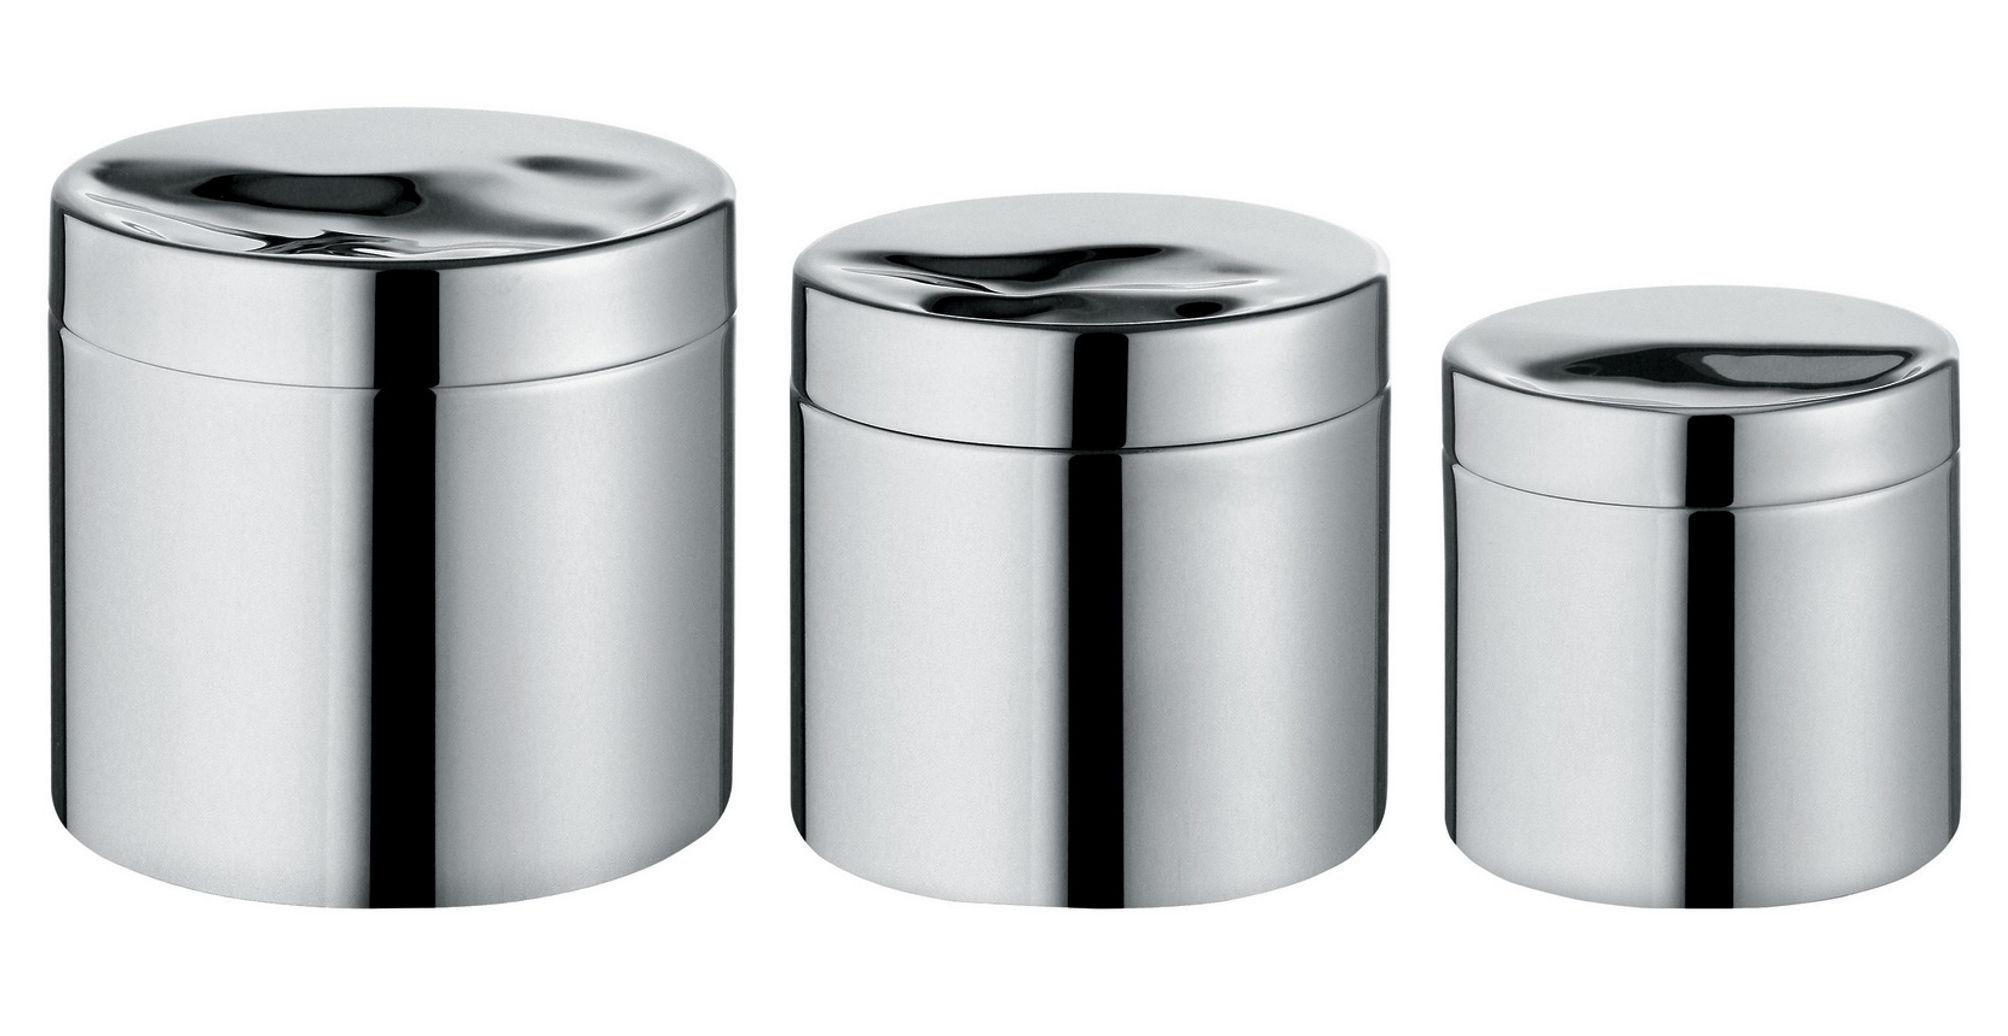 Scopri scatola llu sa ermetico 50 cl 50 cl acciaio lucido di alessi made in design italia - Accessori bagno alessi ...